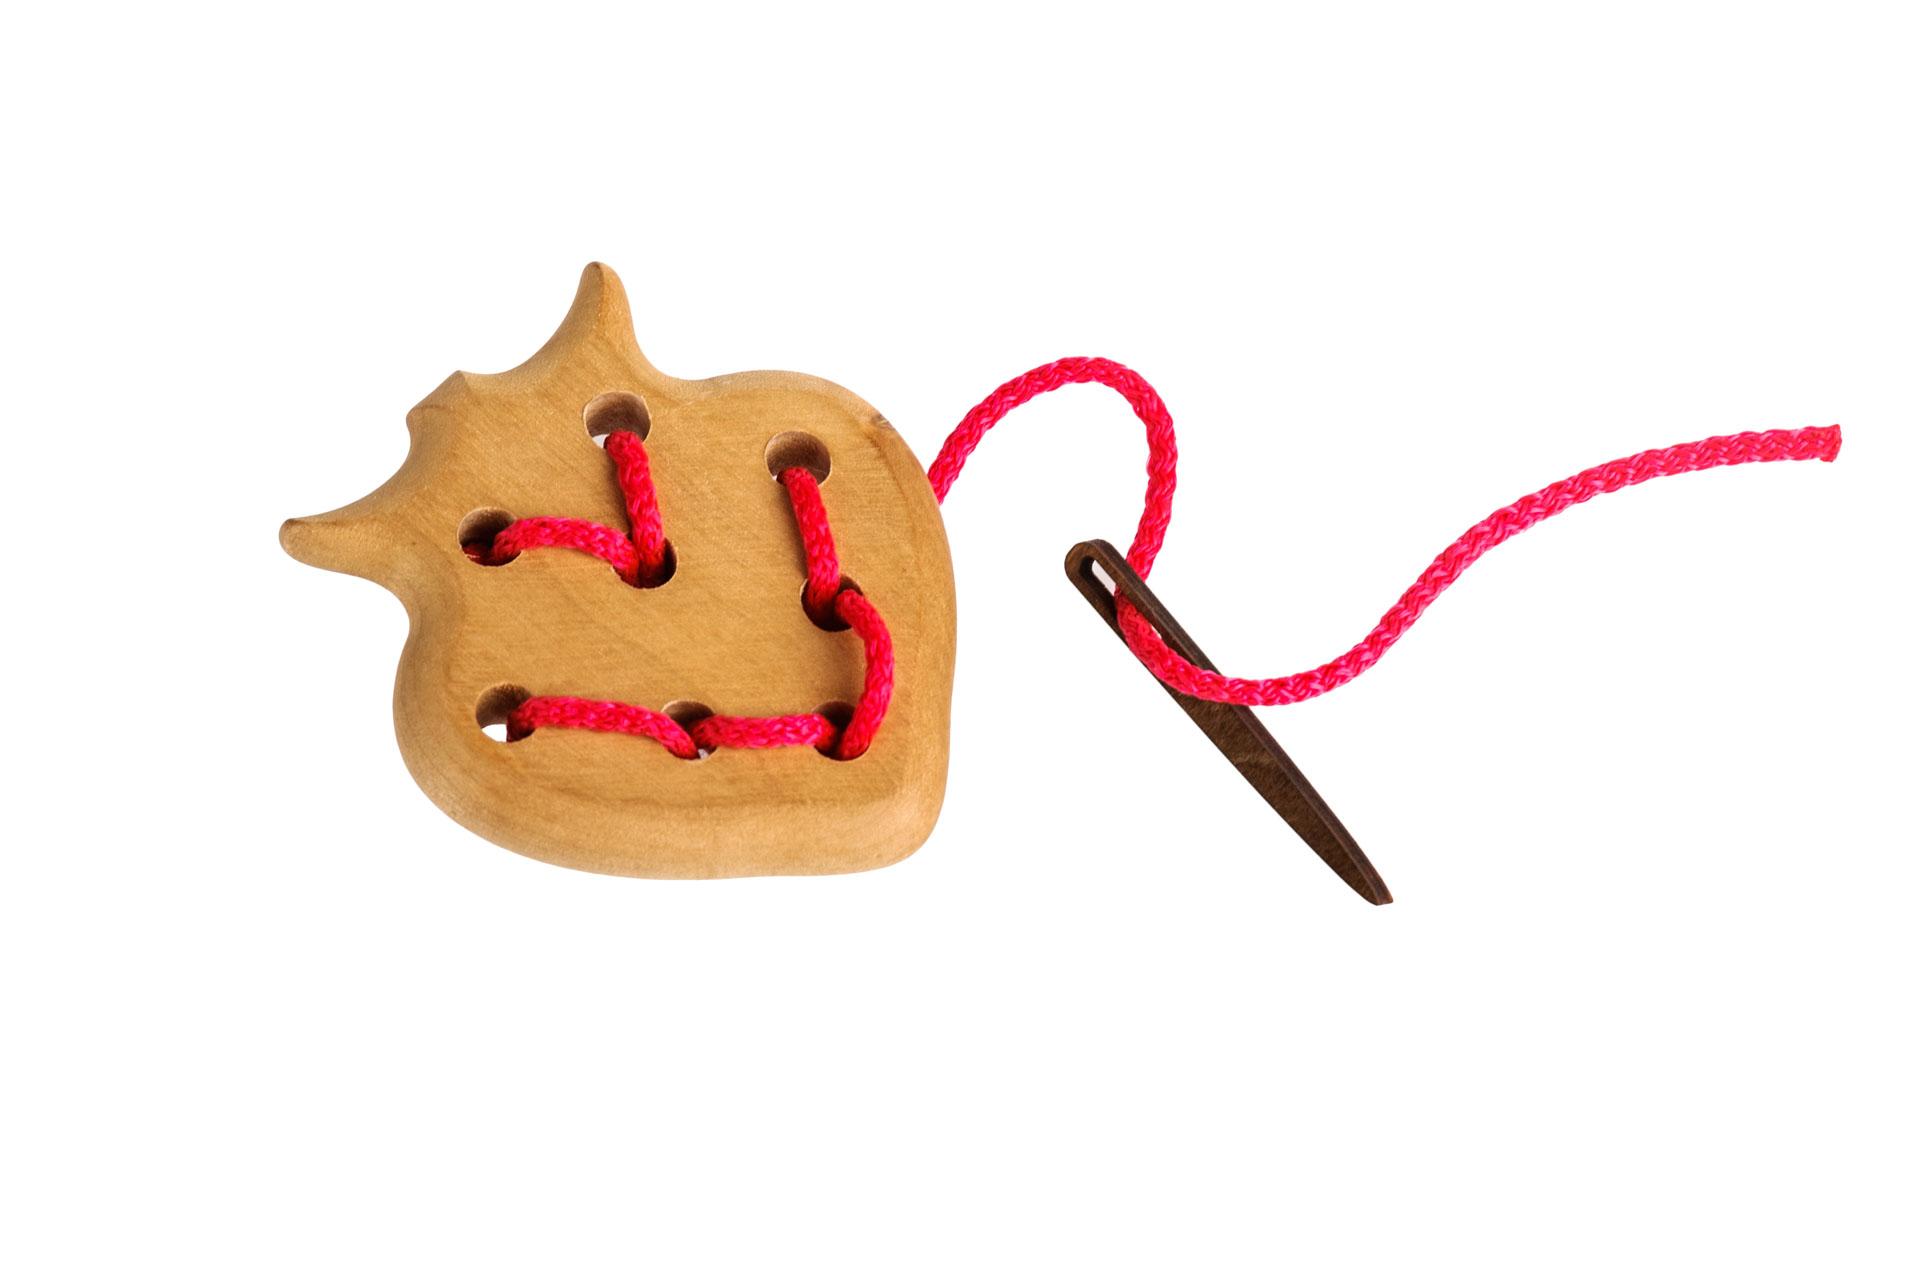 Томик Шнуровка Ягодка611-5Забавная шнуровка для раннего развития Вашего ребенка. 100% натуральные материалы, непередаваемый запах дерева